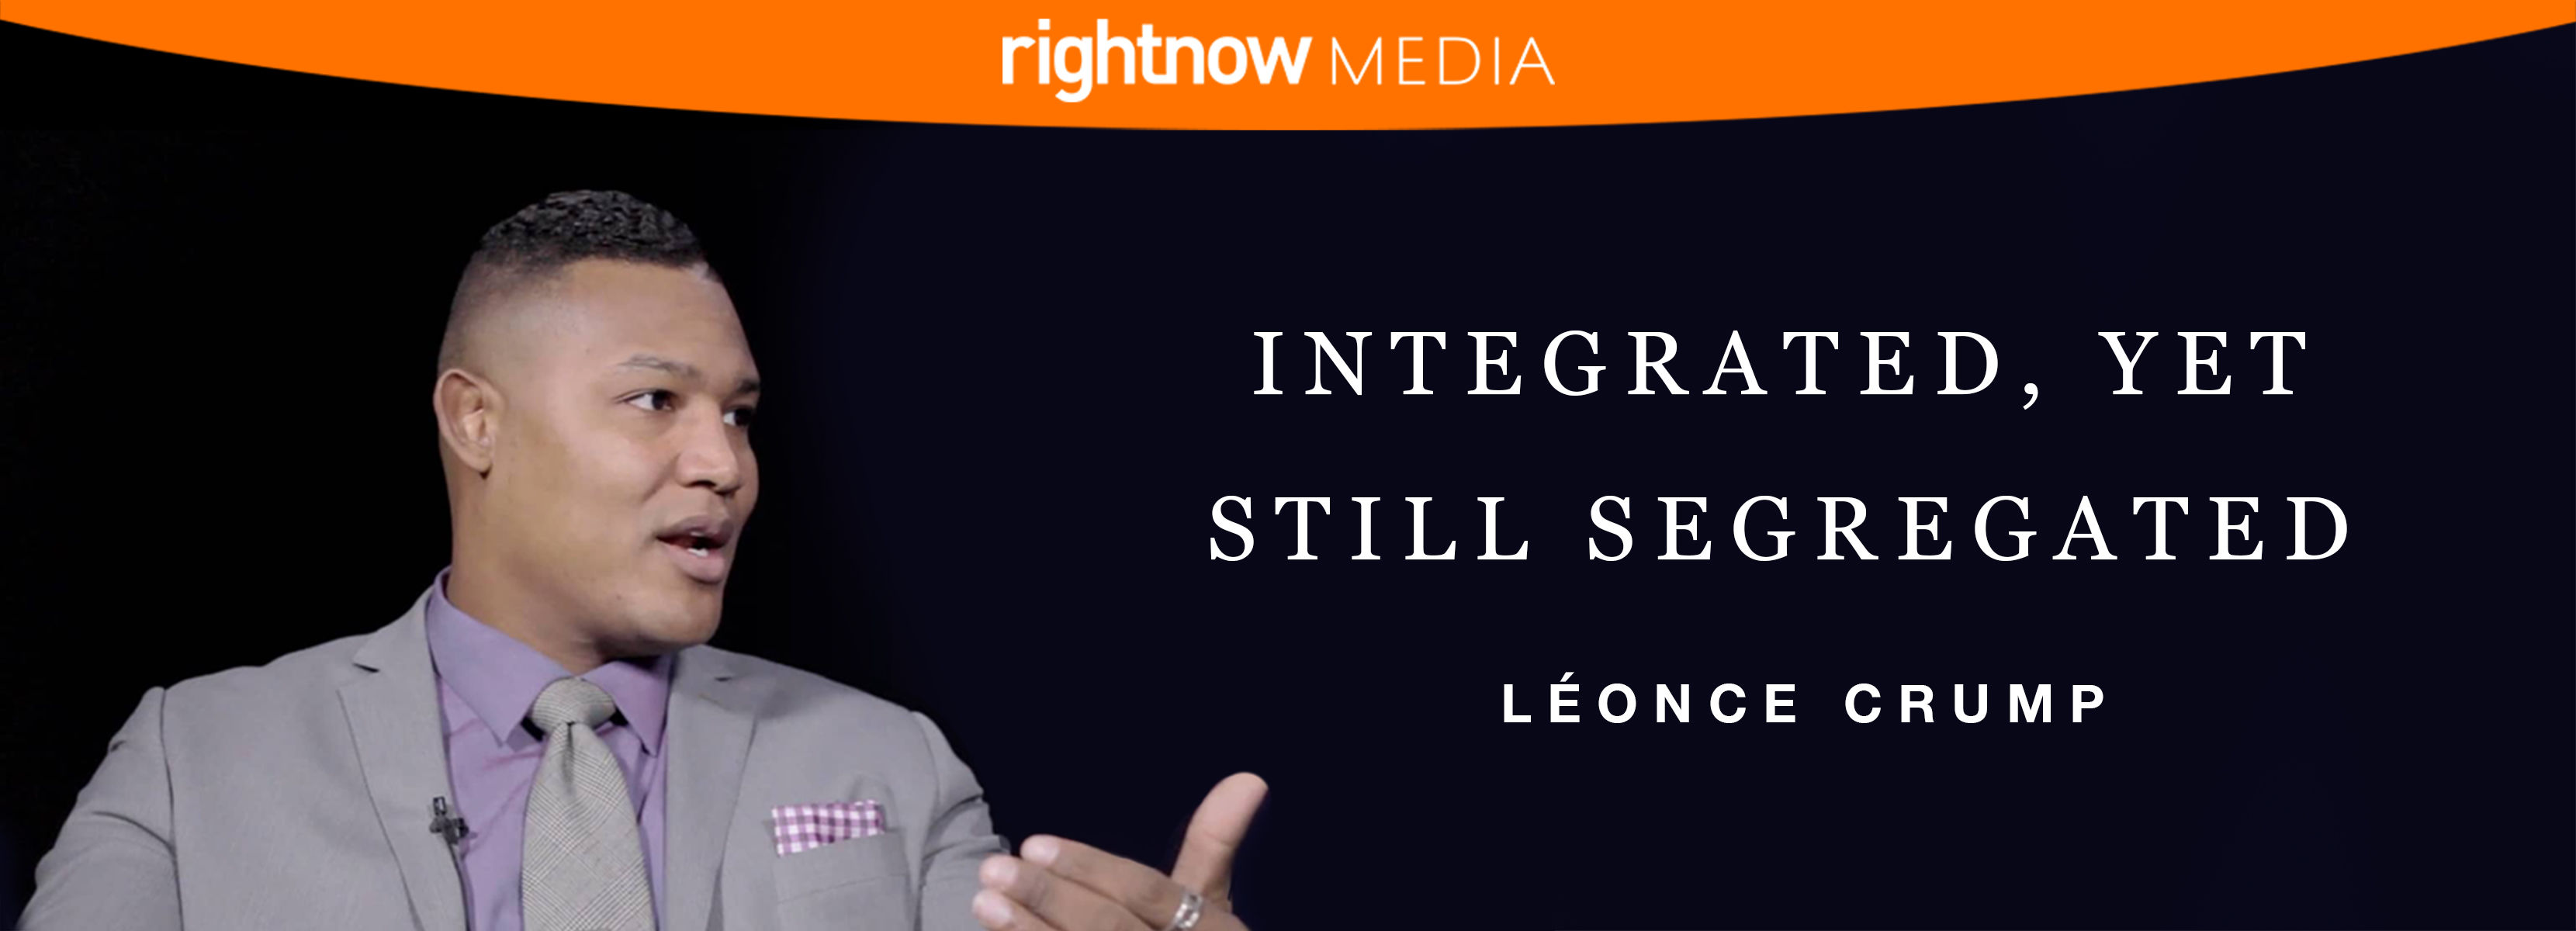 Integrated, Yet Still Segregated